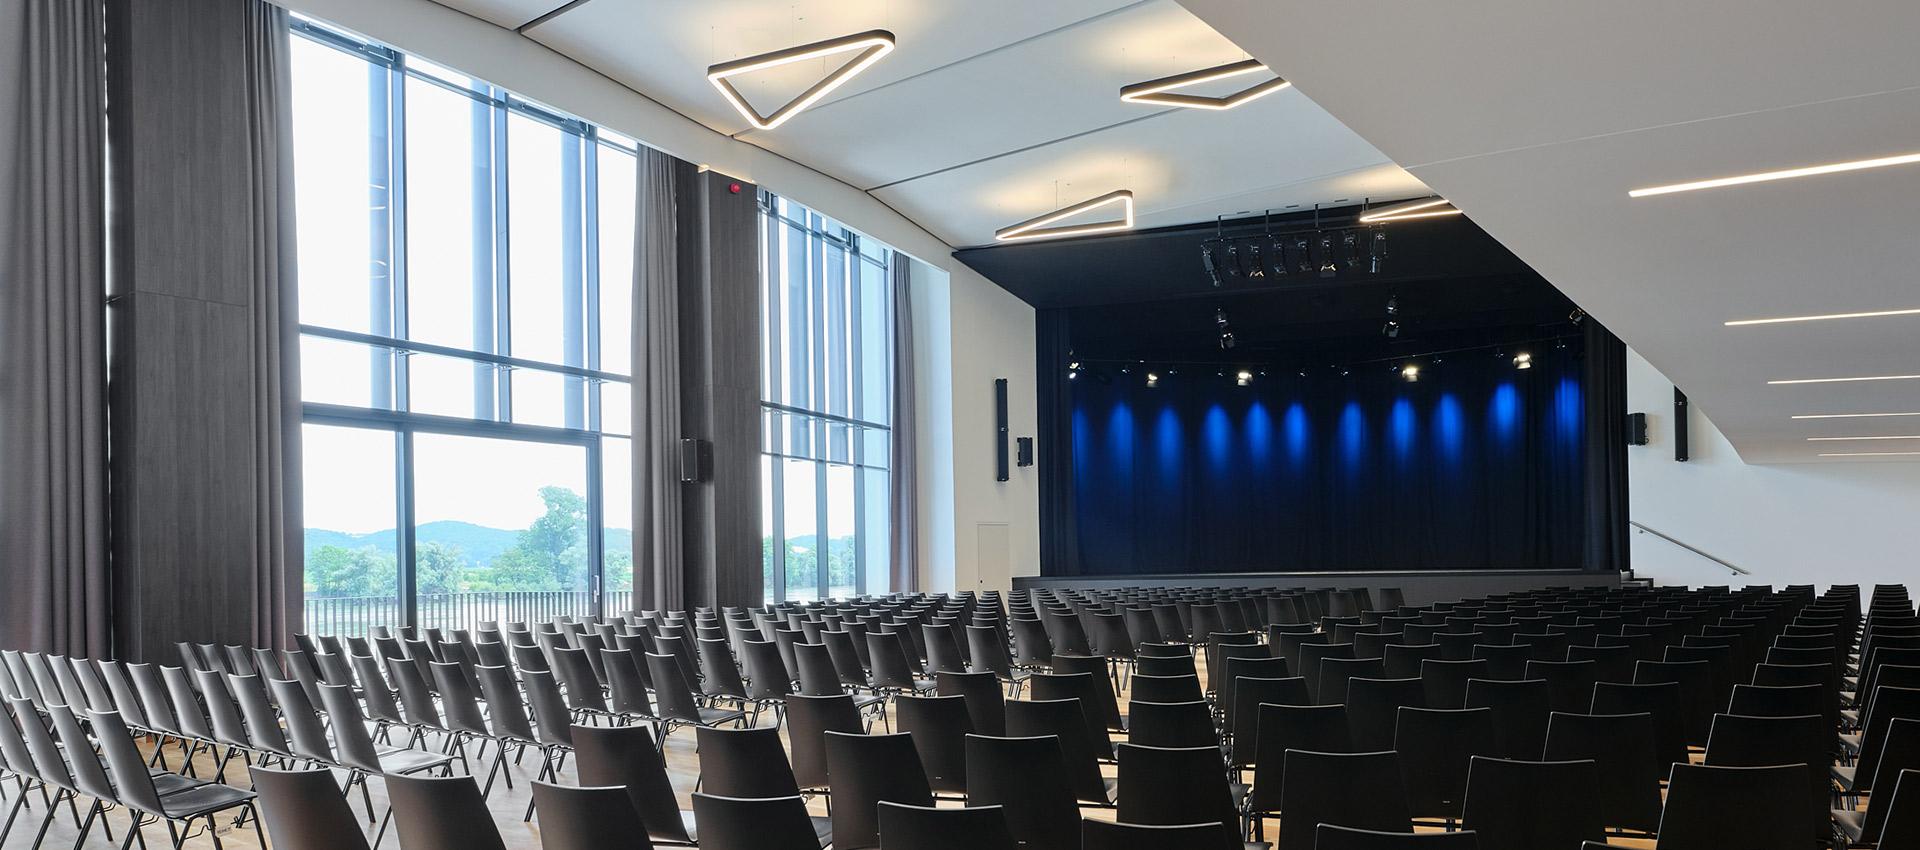 Stadthalle-Ybbs-Saal-Buehne